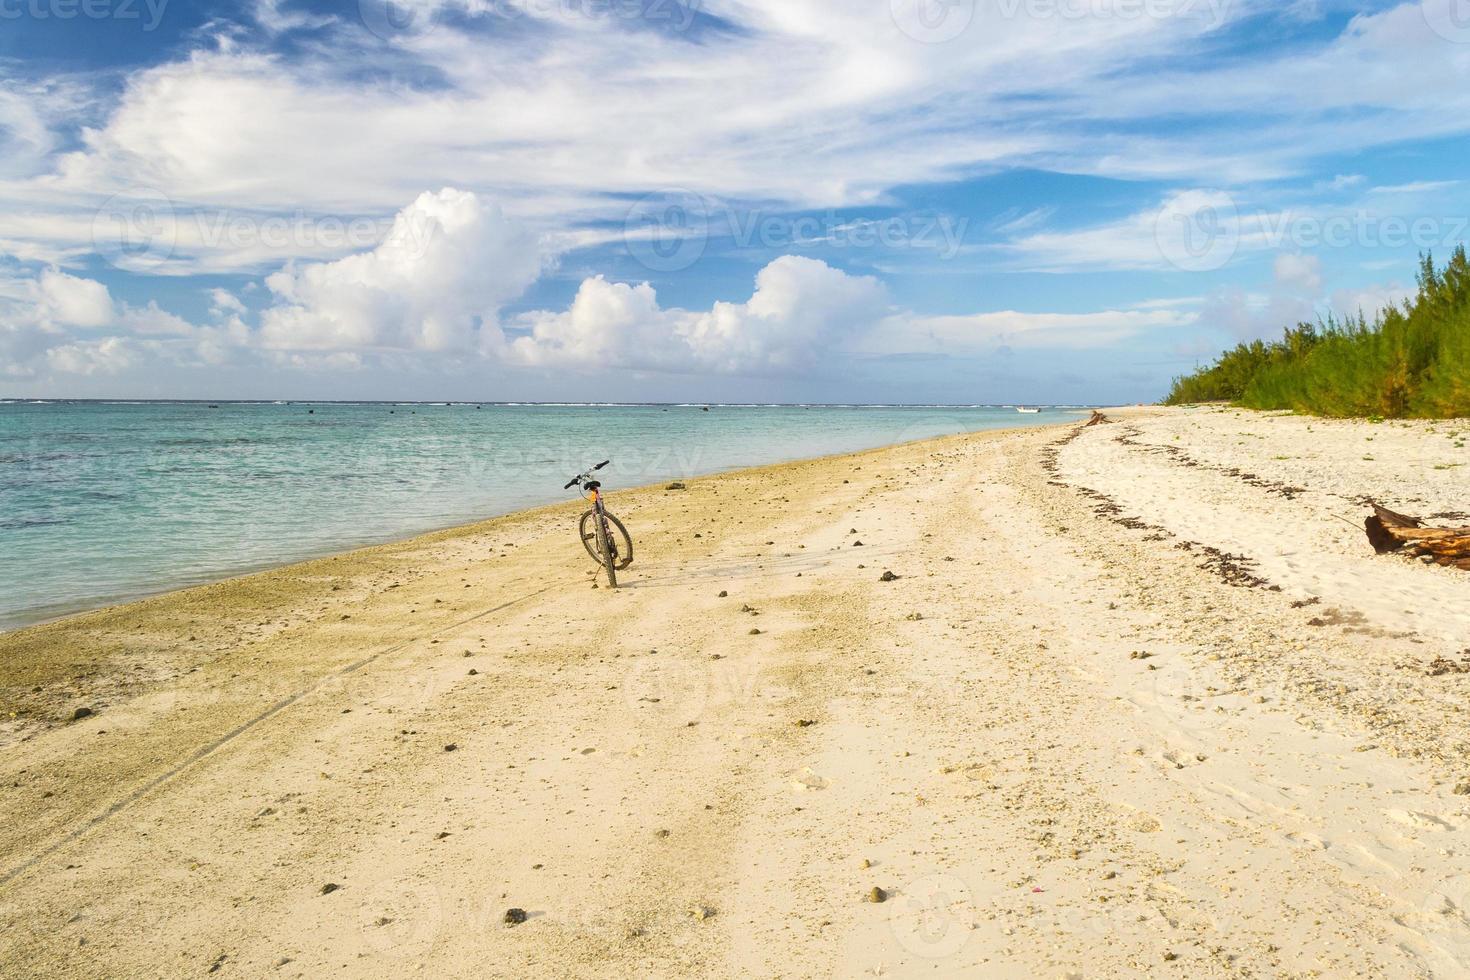 spingere la bicicletta solitaria su una spiaggia deserta tropicale foto